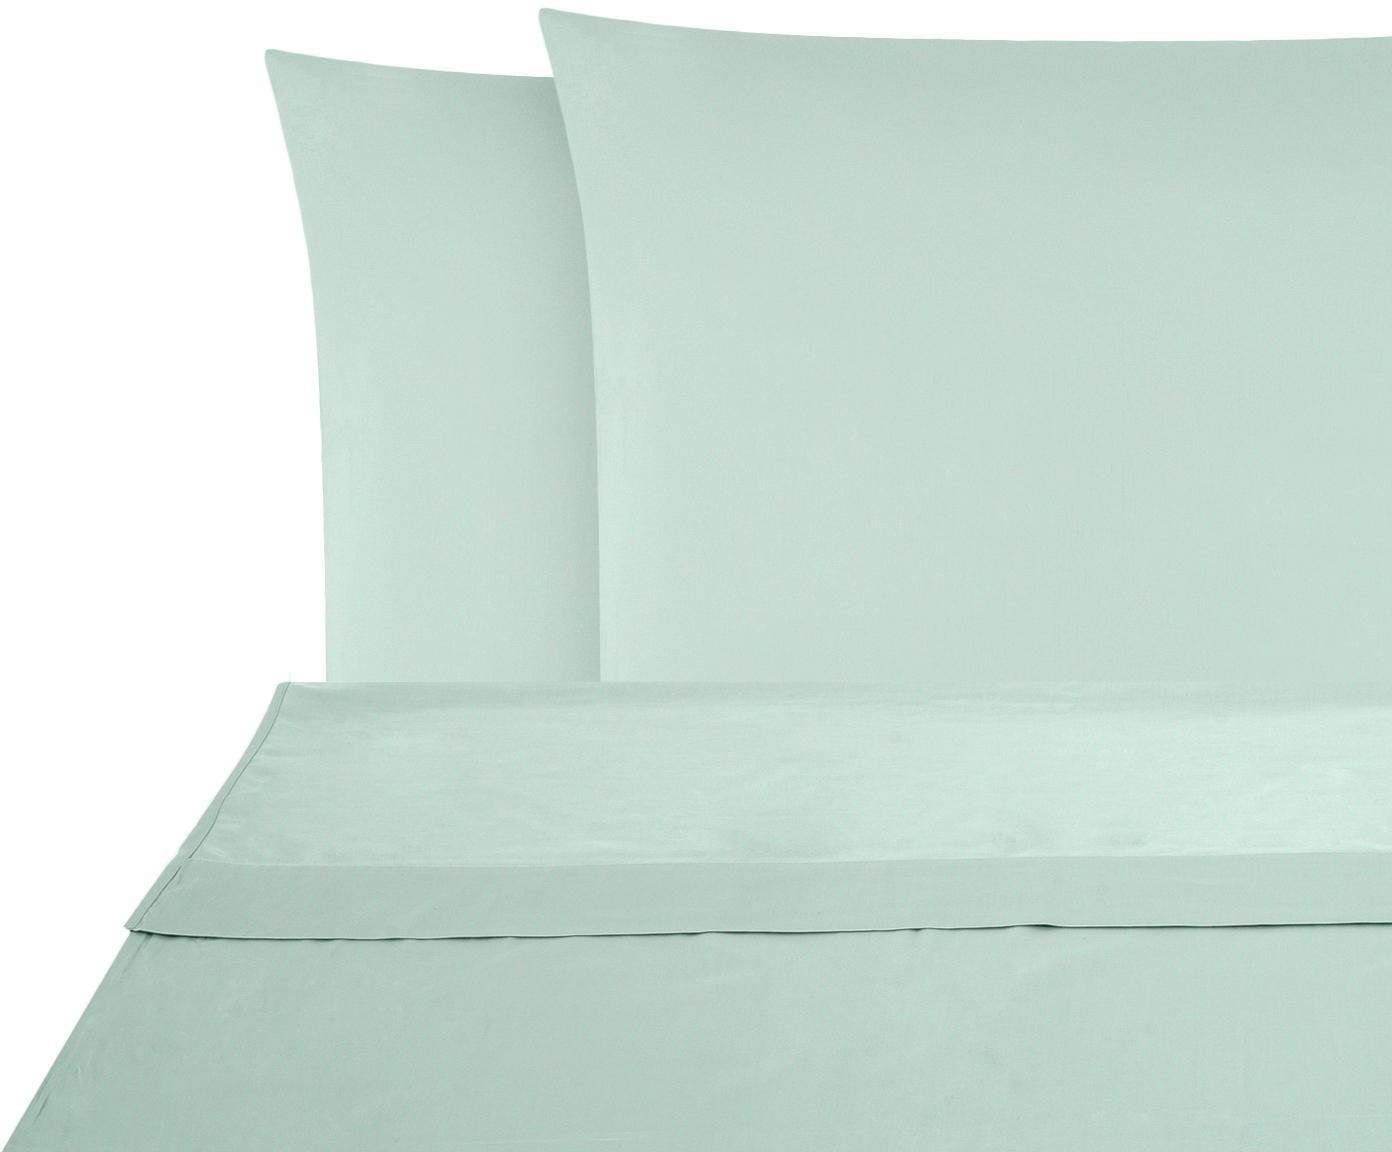 Set lenzuola in raso di cotone Comfort 2 pz, Tessuto: raso Densità del filo 250, Verde salvia, 240 x 300 cm